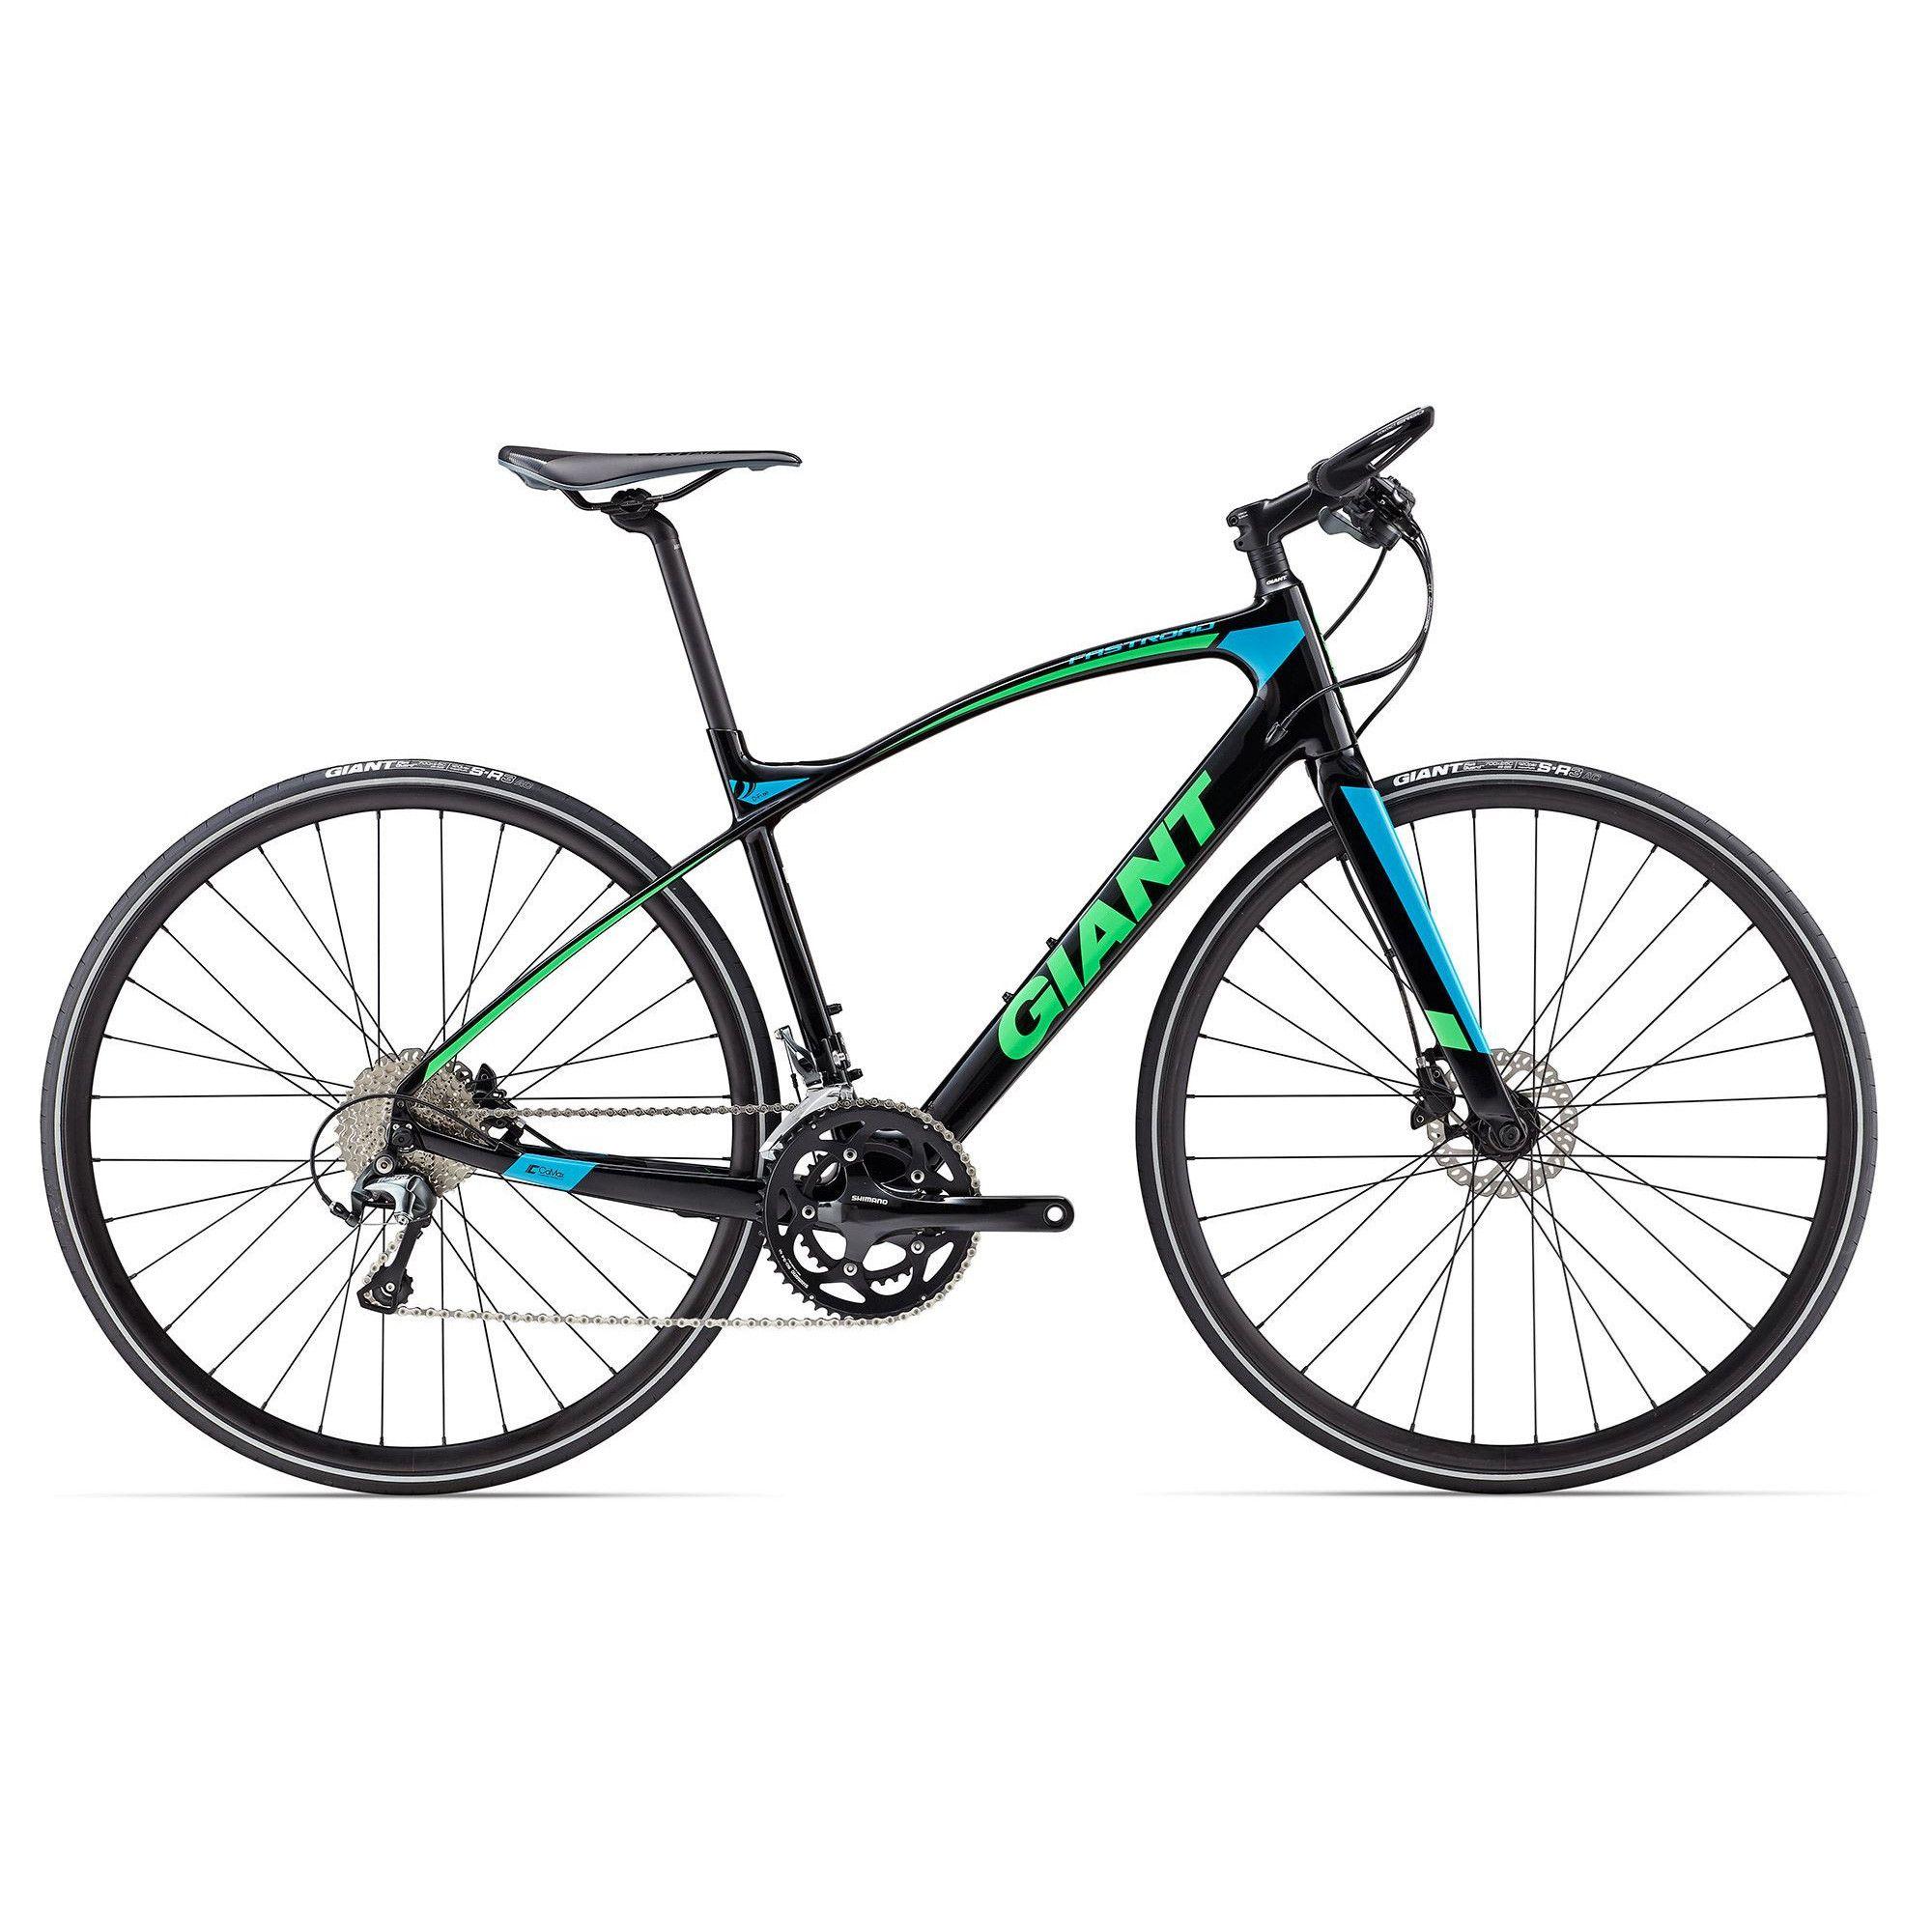 FastRoad CoMax 2 (2017) Hybrid bike, Bike, Commuter bike